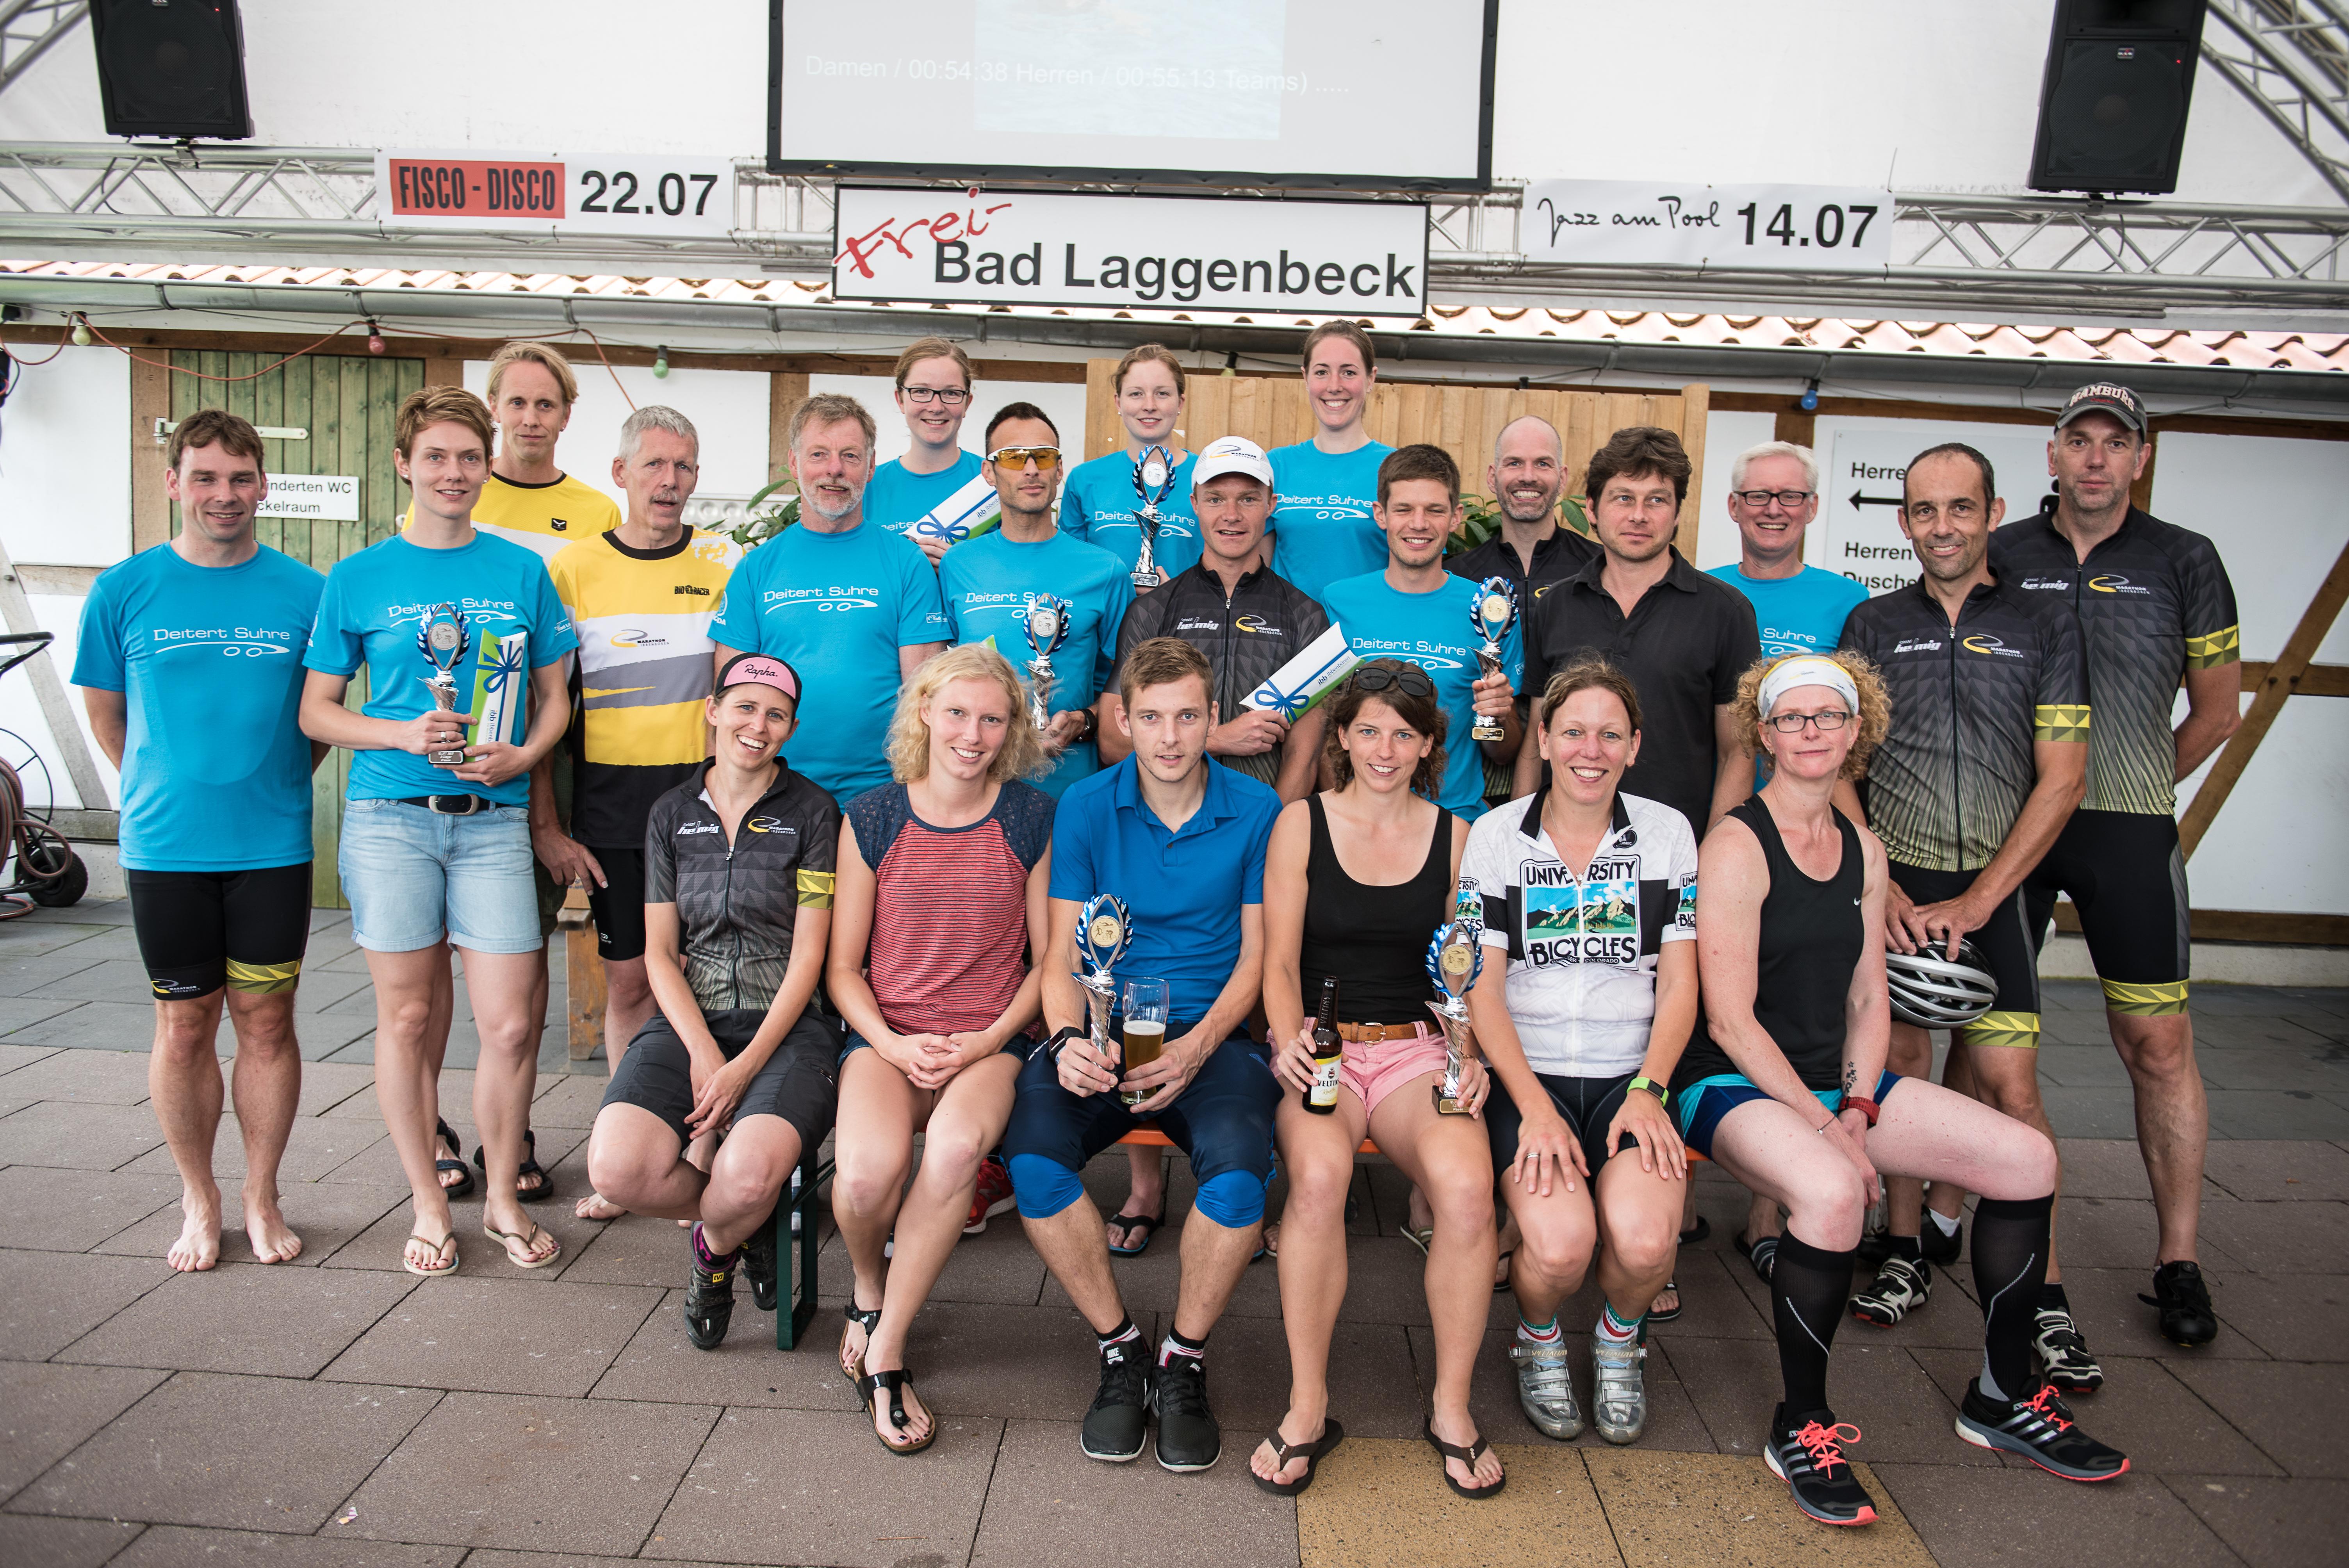 Das größte Team schickte der Ausdauersportverein Marathon Ibbenbüren.